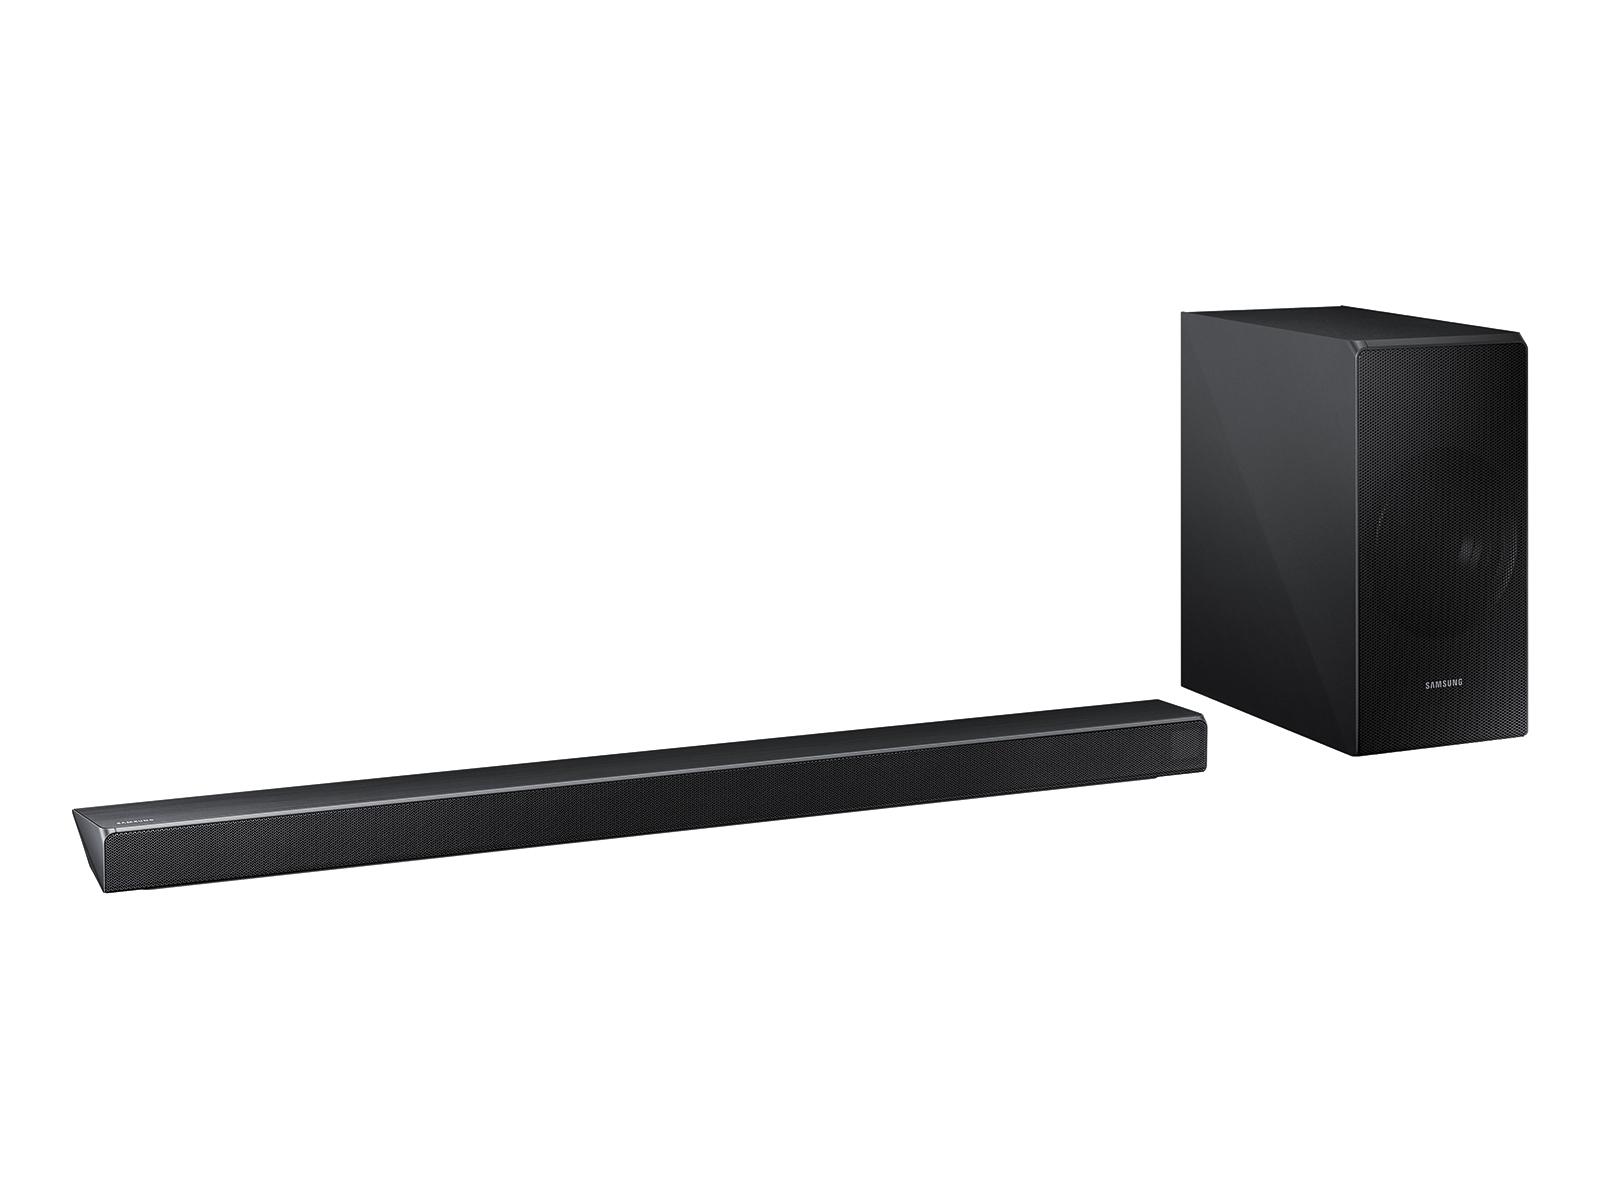 HW-N650 Panoramic Soundbar Home Theater - HW-N650/ZA